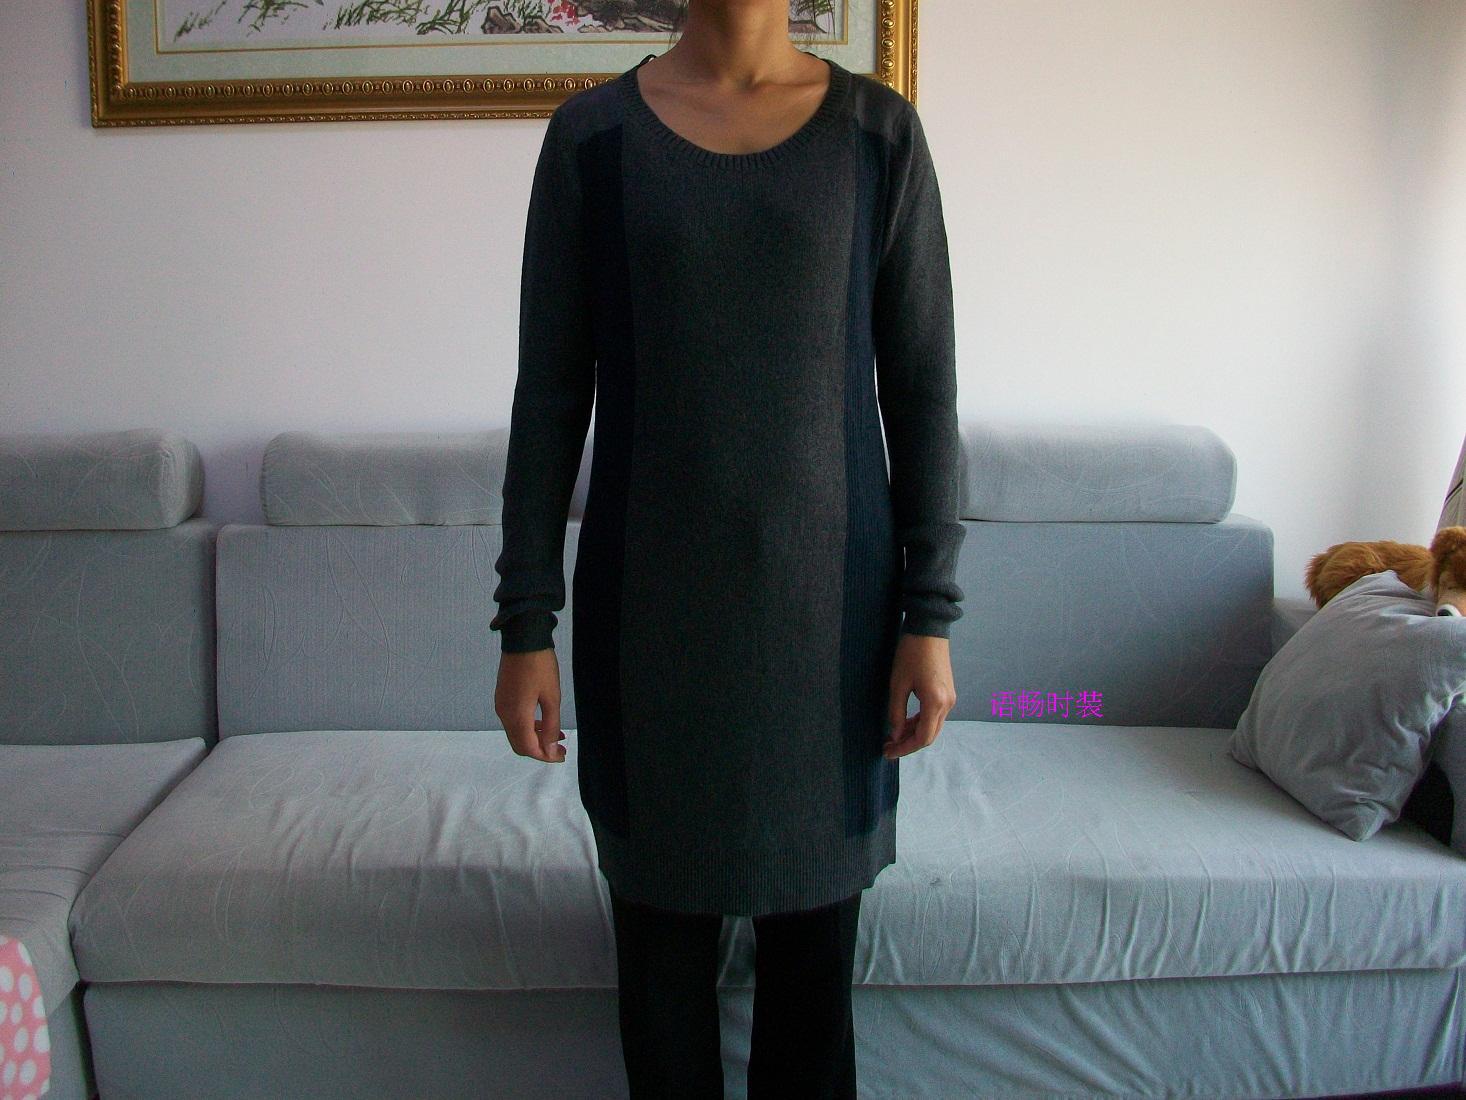 Свитер женский DKNY j326s569 JEANS 2012 Разное Осень 2012 Длинный рукав Классический рукав О-вырез